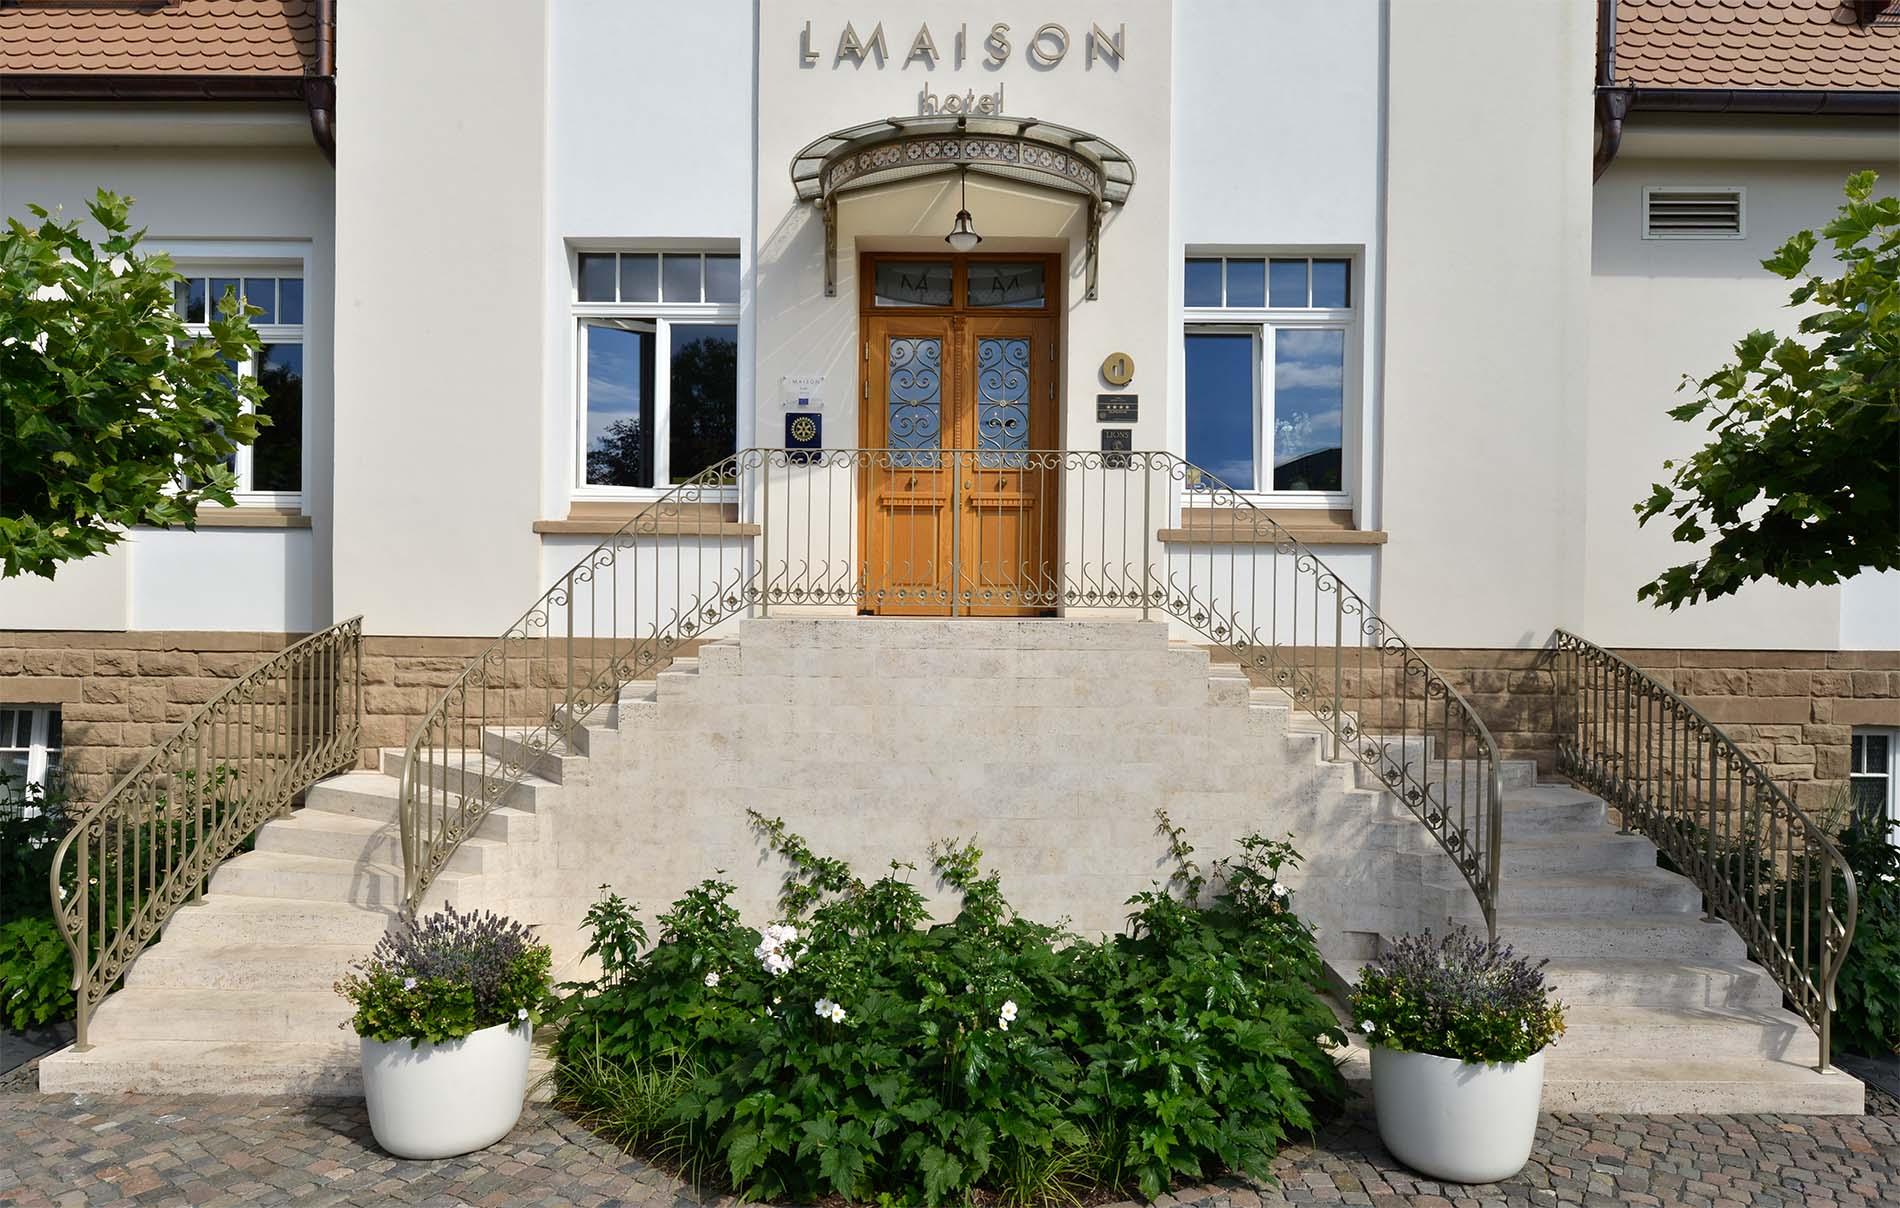 Hotel La Maison Saarlouis Blockstufen Treppenanlage Bauhaus Travertin Naturstein TRACO